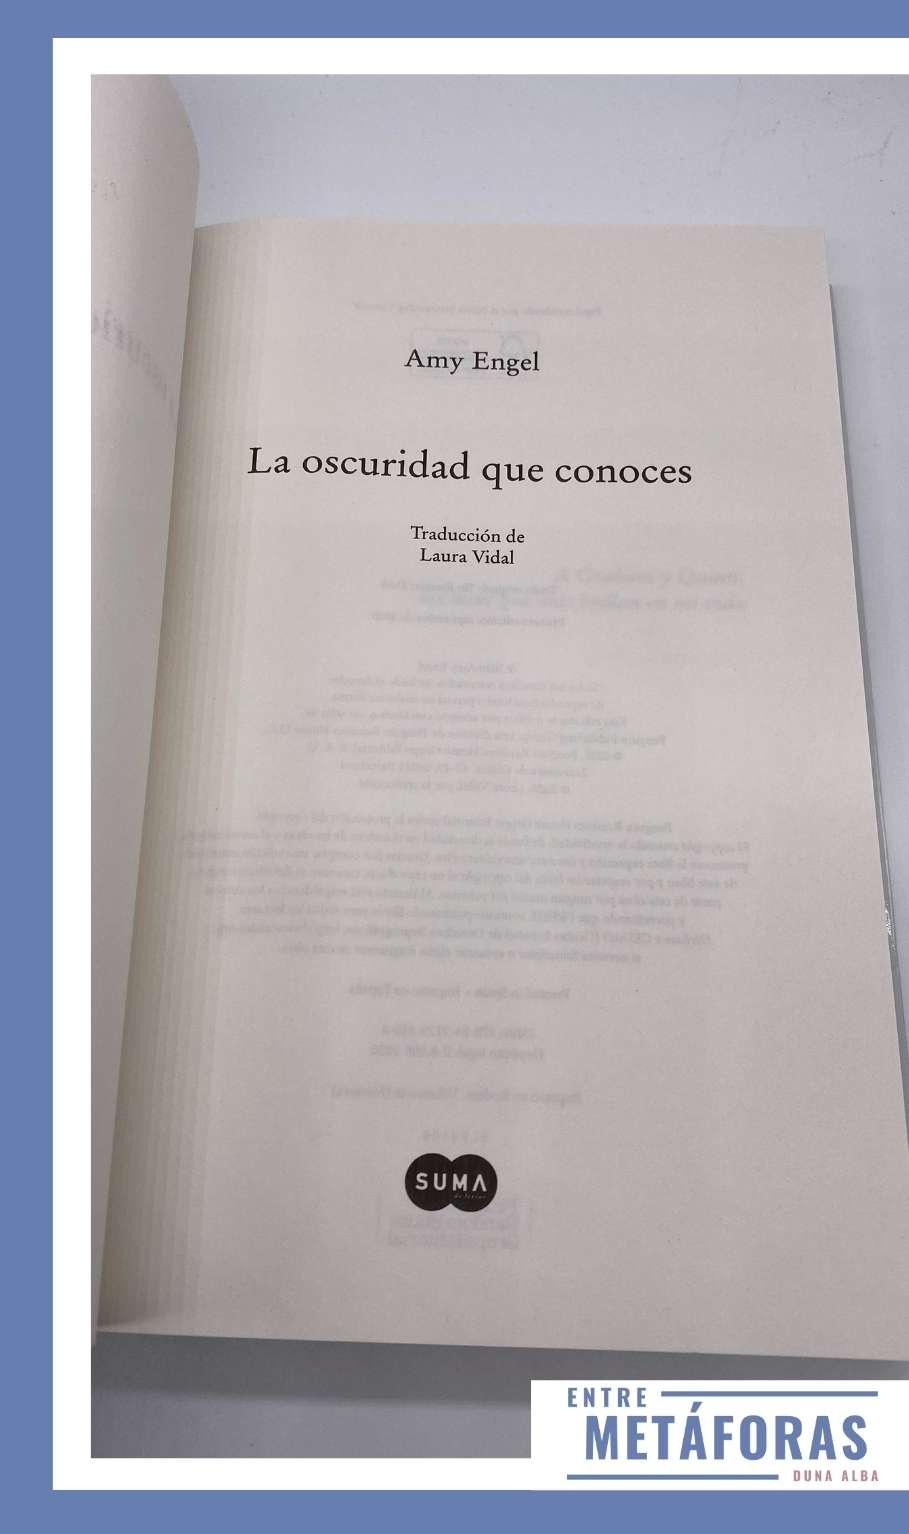 La oscuridad que conoces, Amy Engel